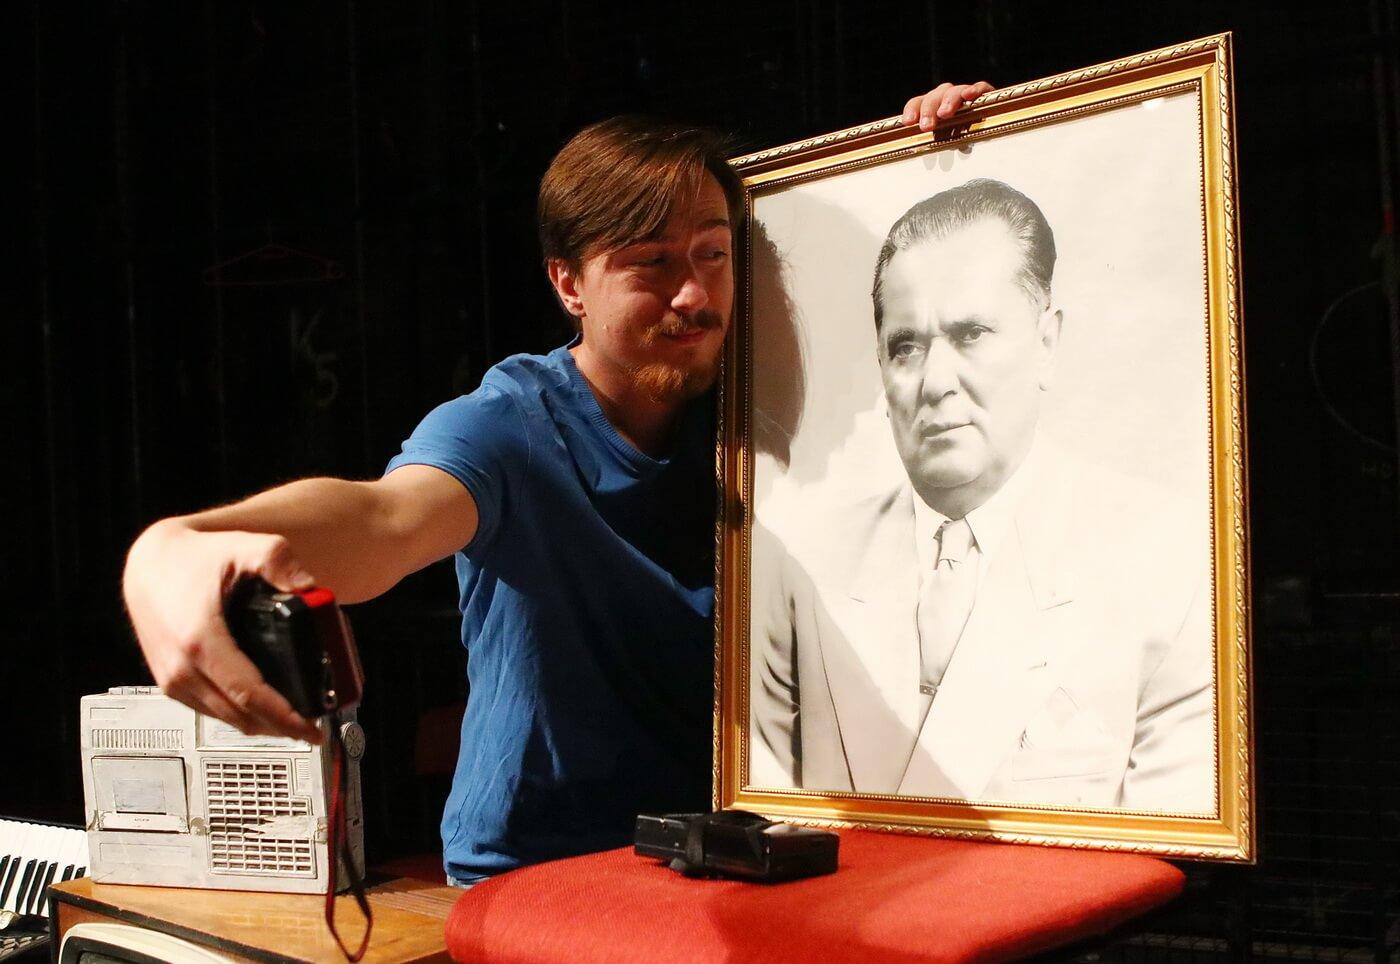 predstava radio sabac - glumac sa titovom slikom